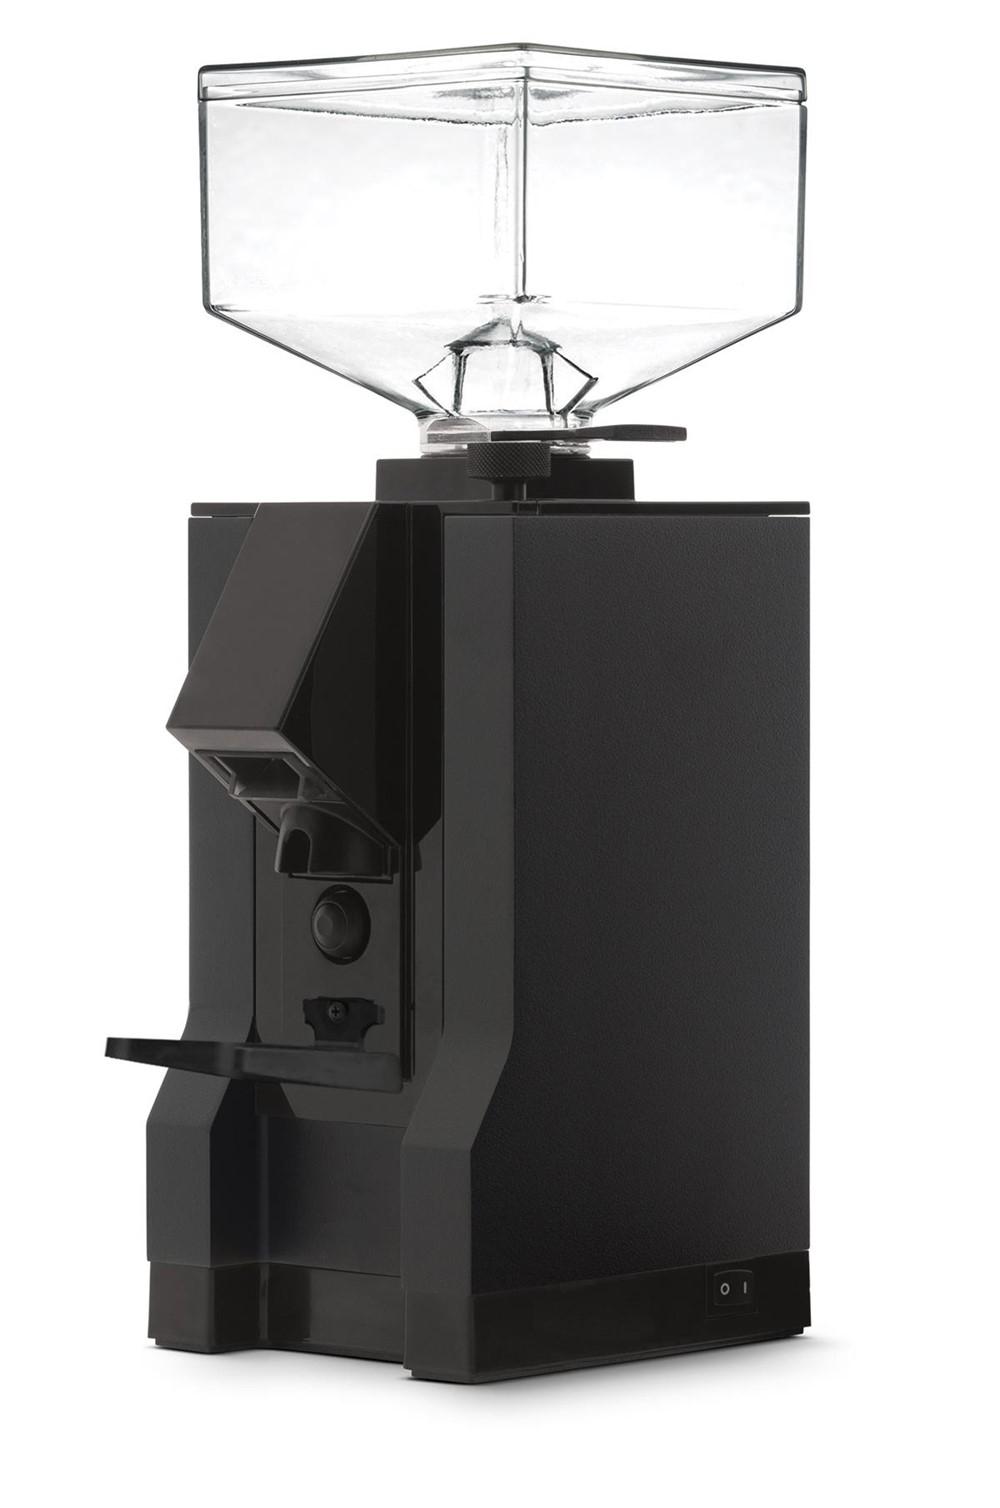 Eureka Manuale 15 BL schwarz matt Espressomühle